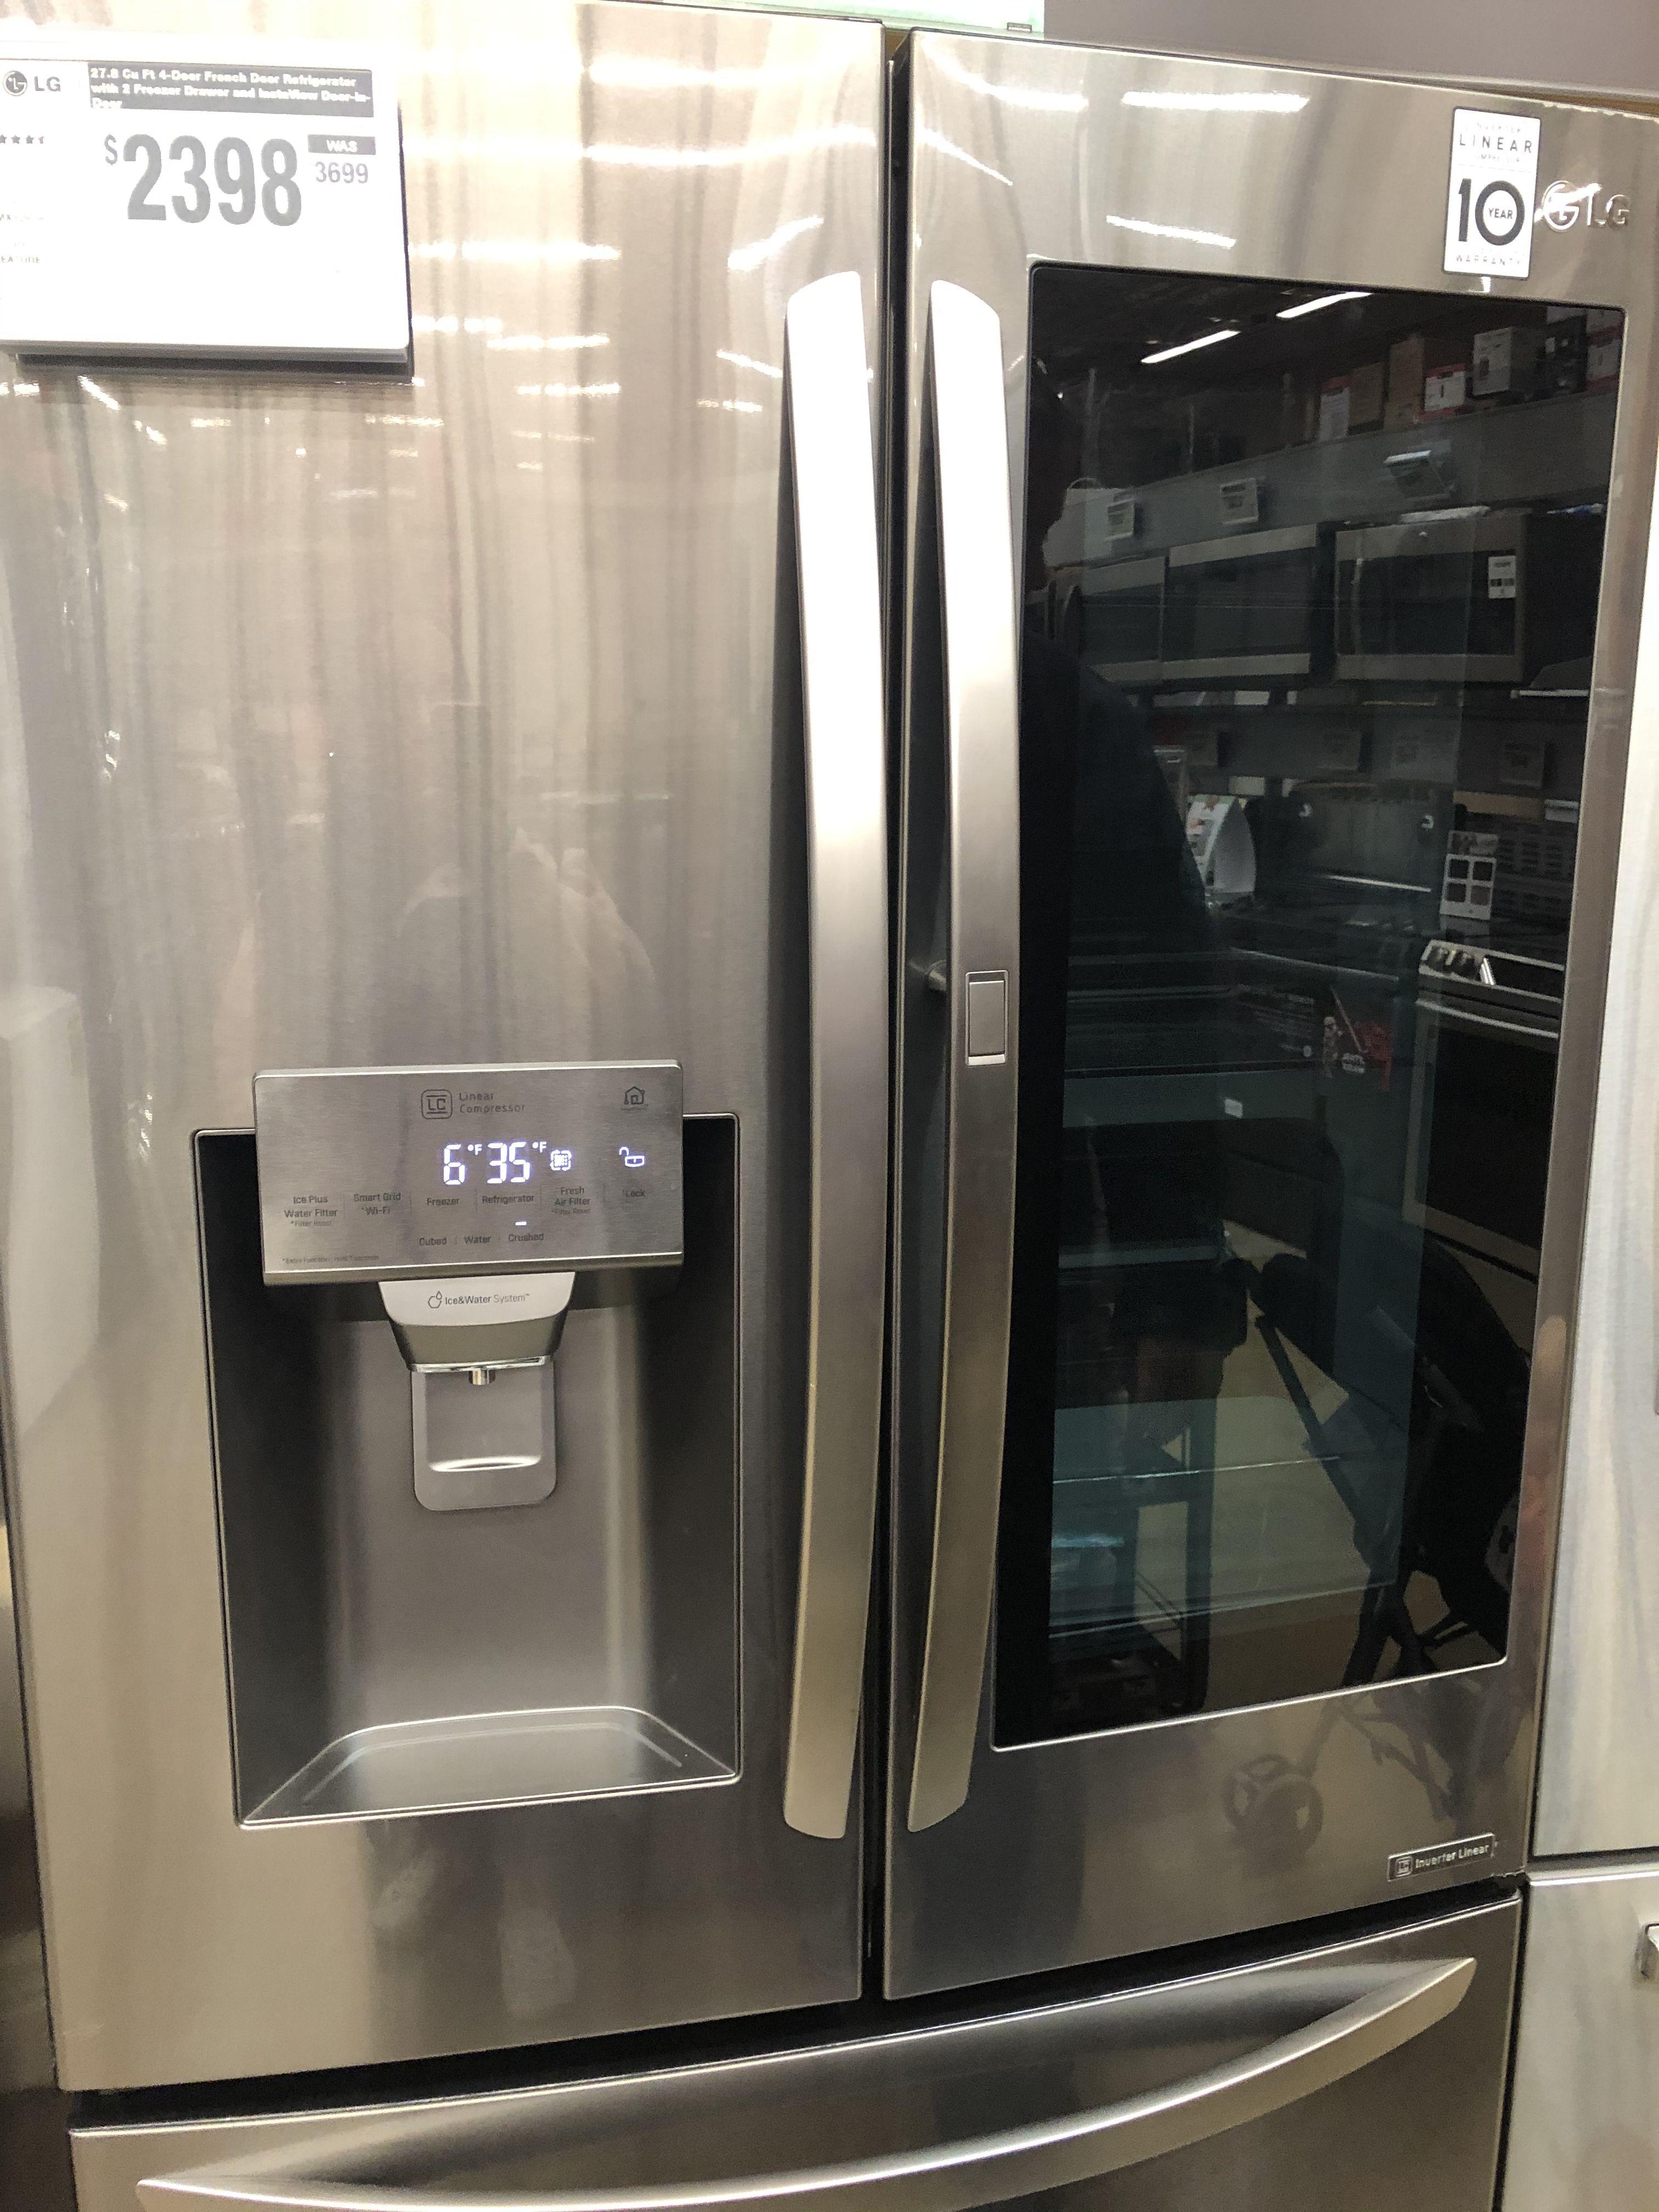 Lg Electronics 28 Cu Ft 4 Door Smart Refrigerator With Instaview Door In Door In Black Stainless Steel Lmxs28596d The Home Depot French Door Refrigerator Refrigerator Fridge Organization